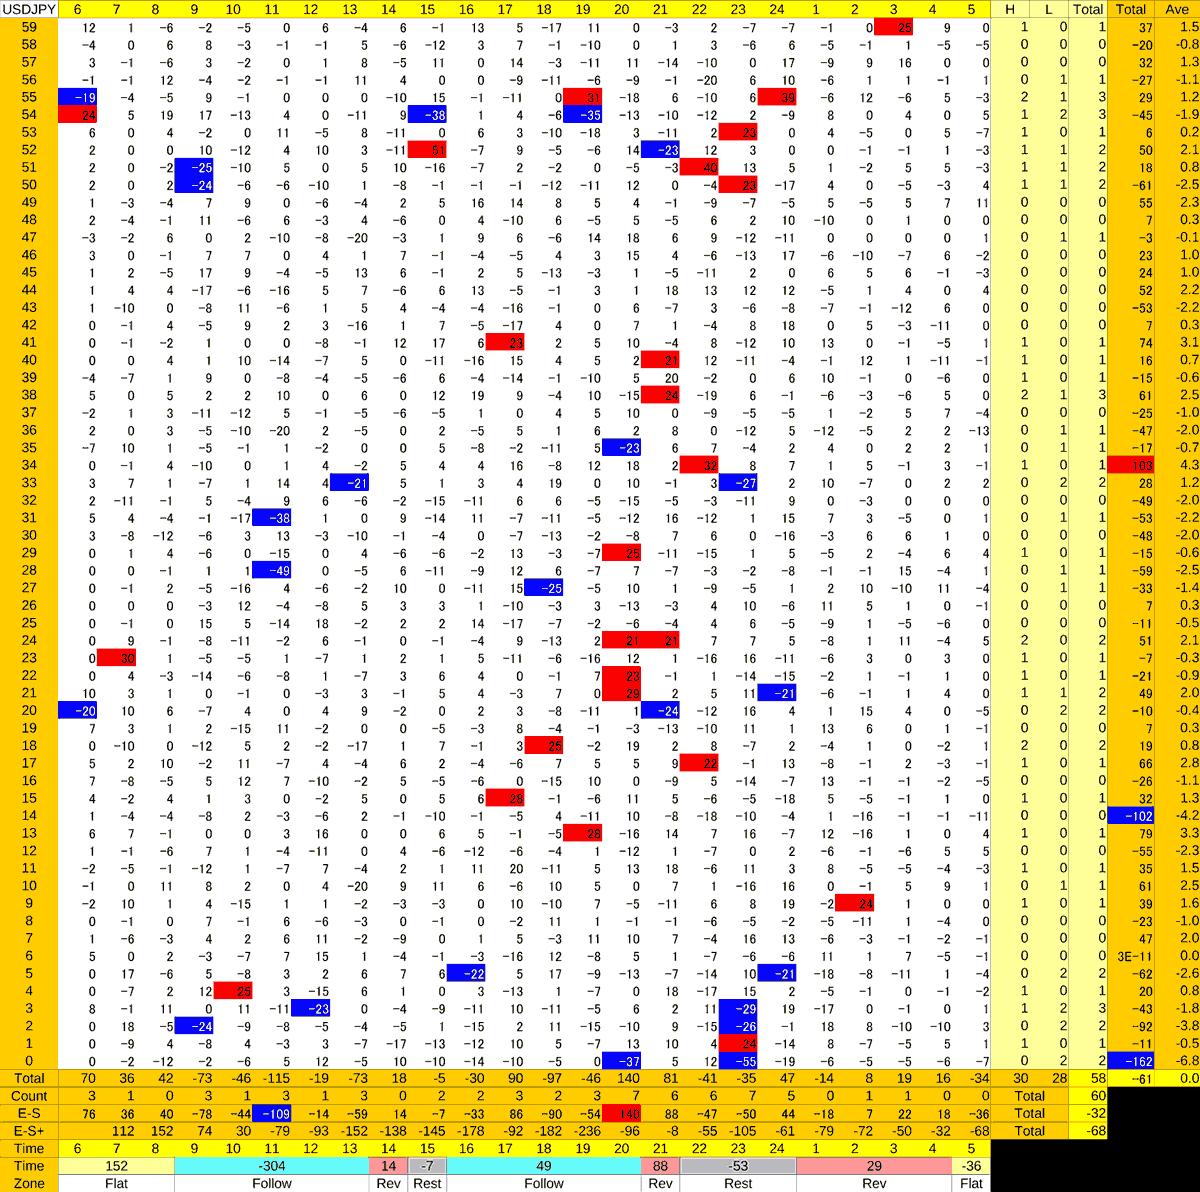 20201028_HS(1)USDJPY